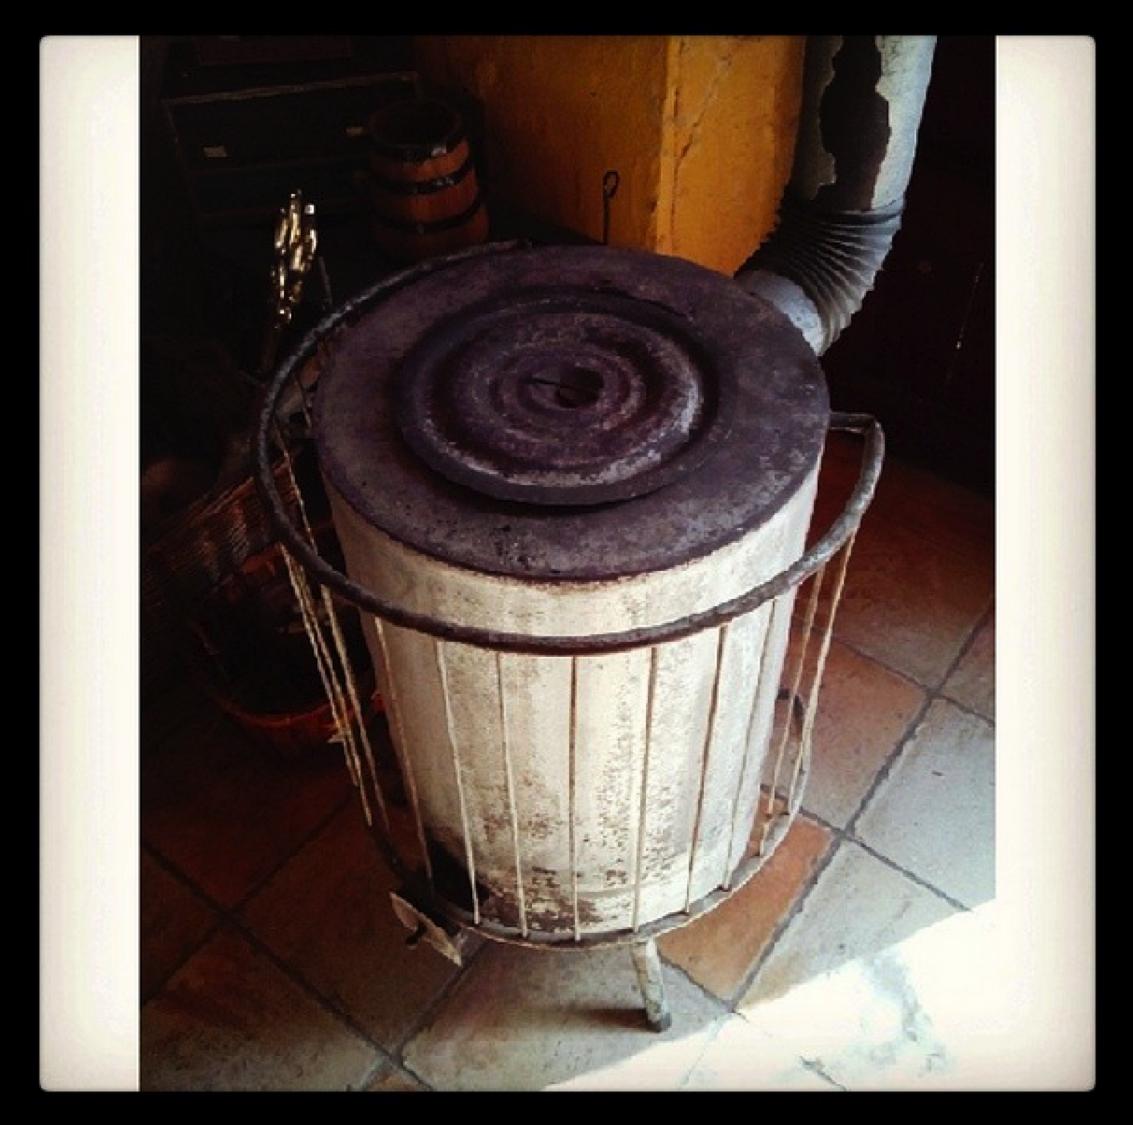 Detalles 2 #casarural #restaurante #elseque #pinoso @cuinapinos comida buena compañía cc @Inma Far Ballester @cristinarv2 @Jesús Martínez Giménez @Francisco Torreblanca (@fransinaia) @pepevaliente @francesfotograf @majo_ferri +++